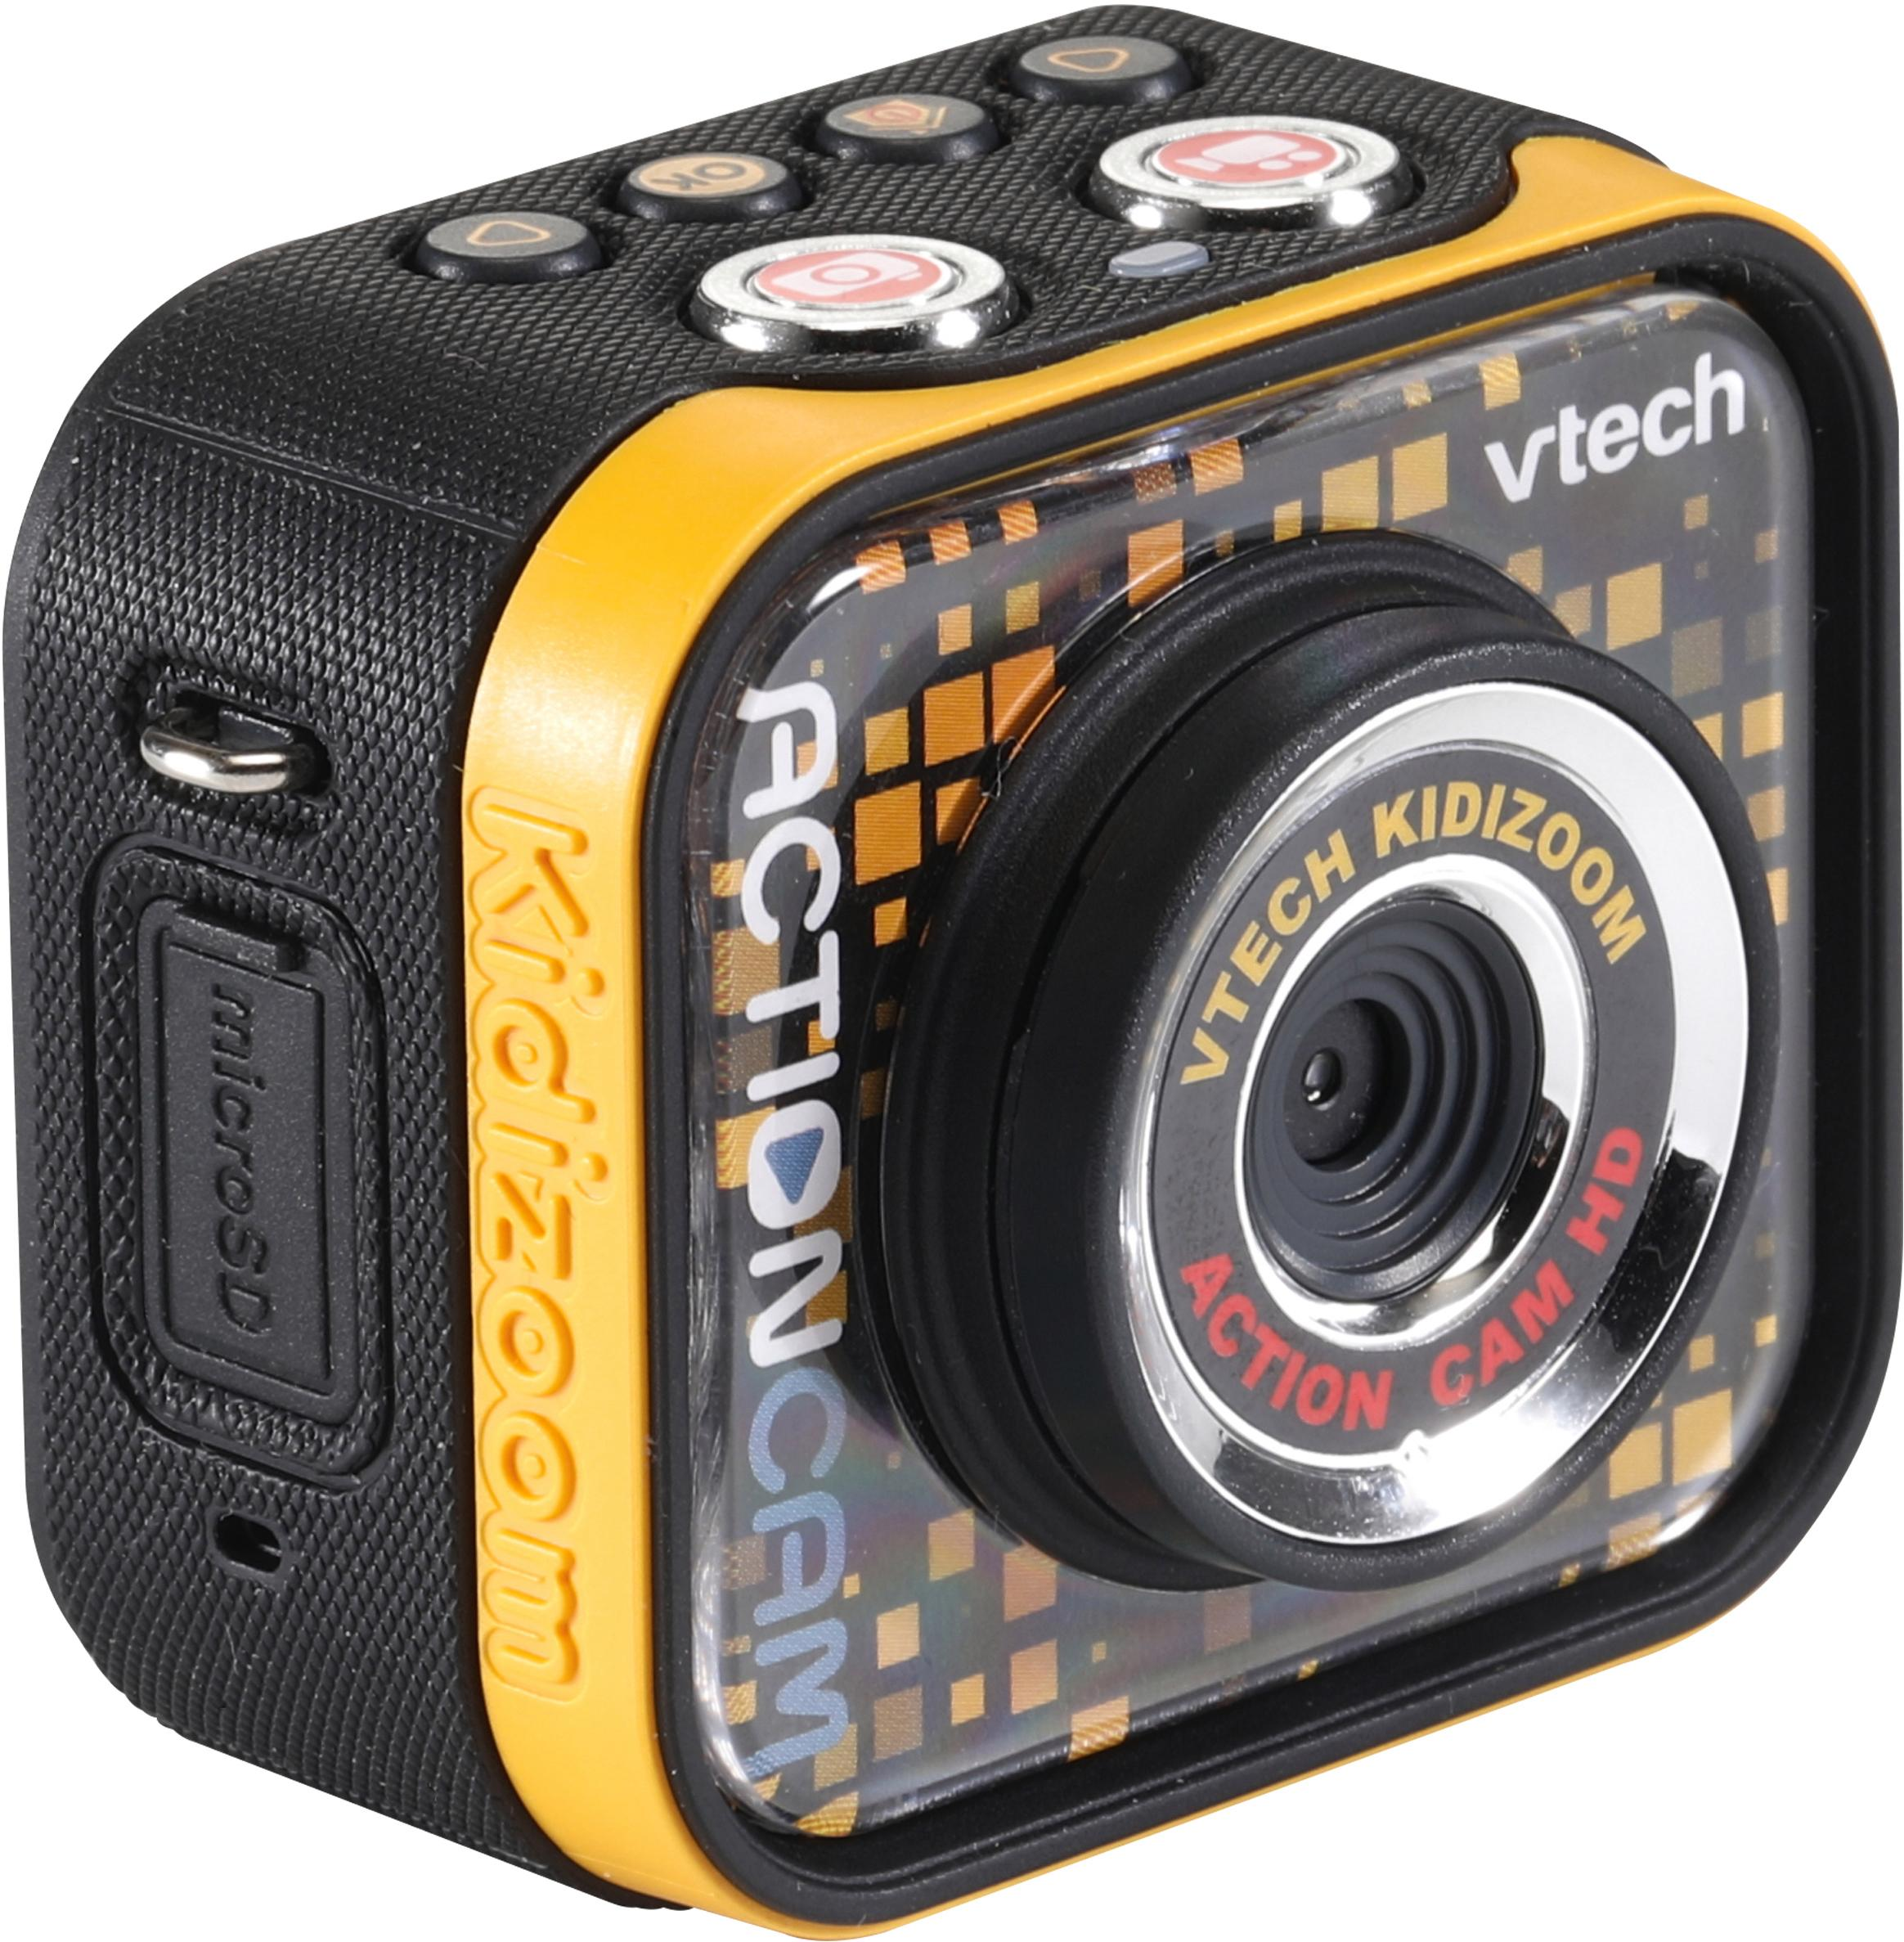 Vtech Kidizoom Action Cam HD Kinderkamera (1 MP) Kindermode/Spielzeug/Lernspielzeug/Kinder-Computer